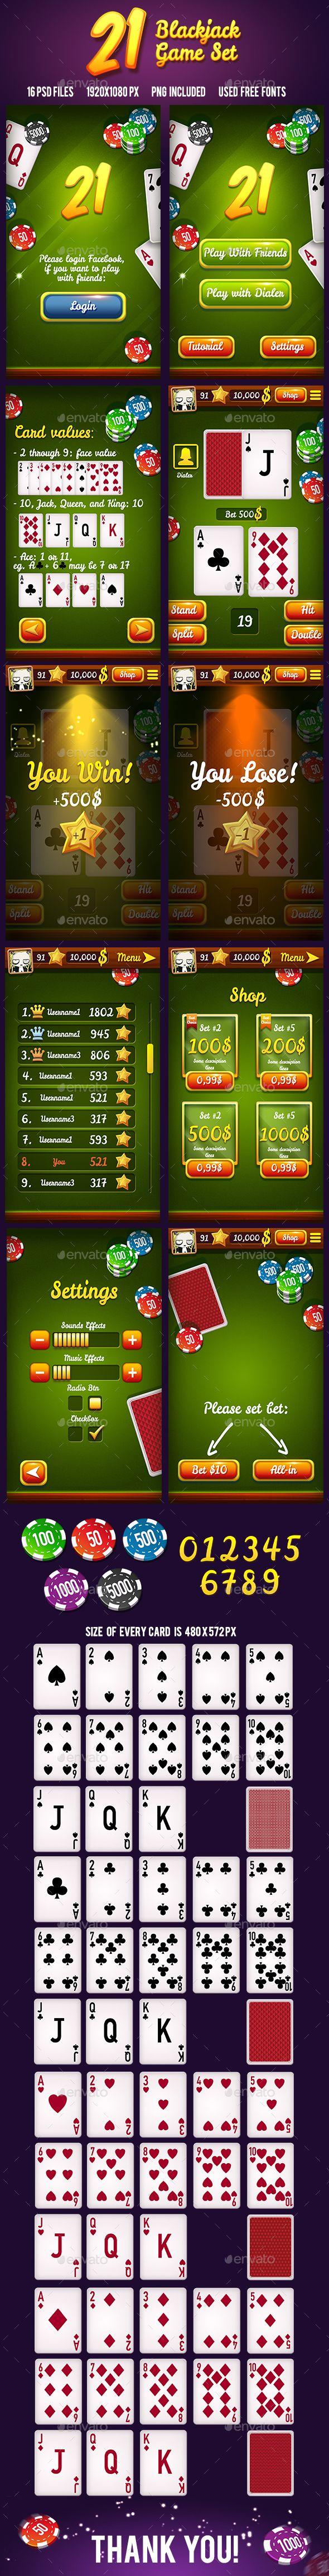 Casino sounds download affiliate casino homework program u14a50 unitedpartnerprogram.com